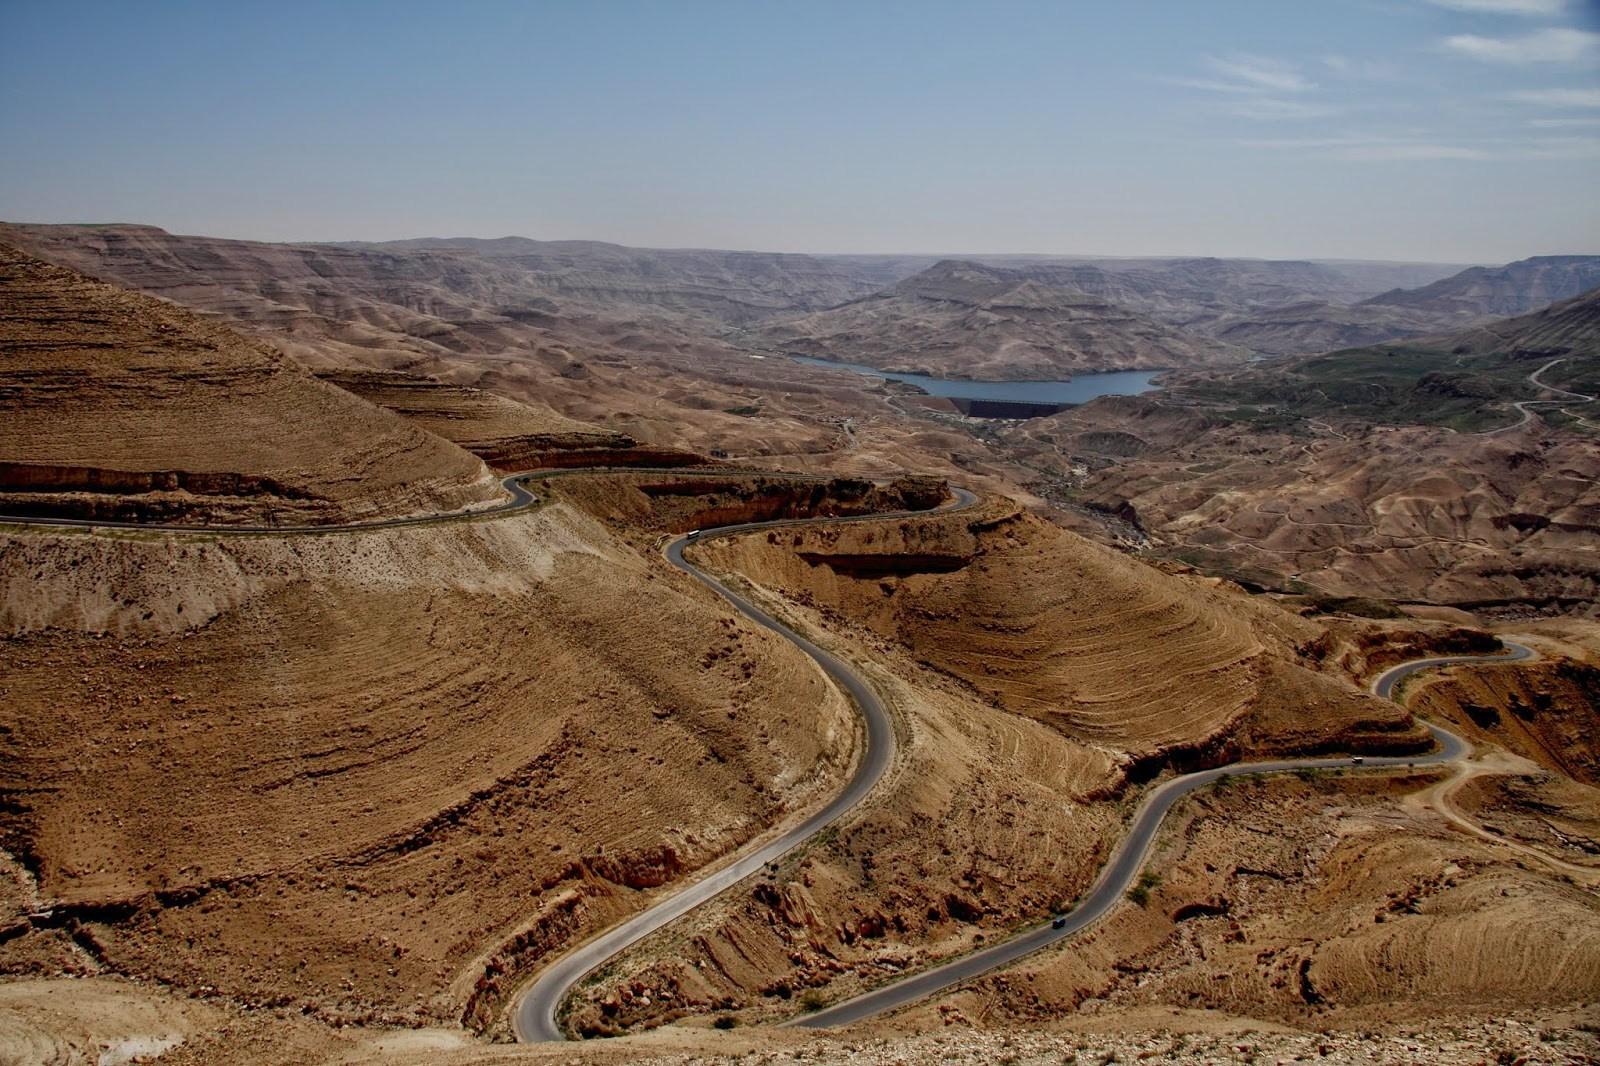 上图:亚嫩河(Wadi Mujib)附近的王道。约旦的15号和35号公路连接部分王道,从北到南经过森林高地、开阔的高原耕地、纵深的沟壑、沙漠边缘和亚喀巴湾,沿途有许多考古景点,成为约旦著名的景观公路。